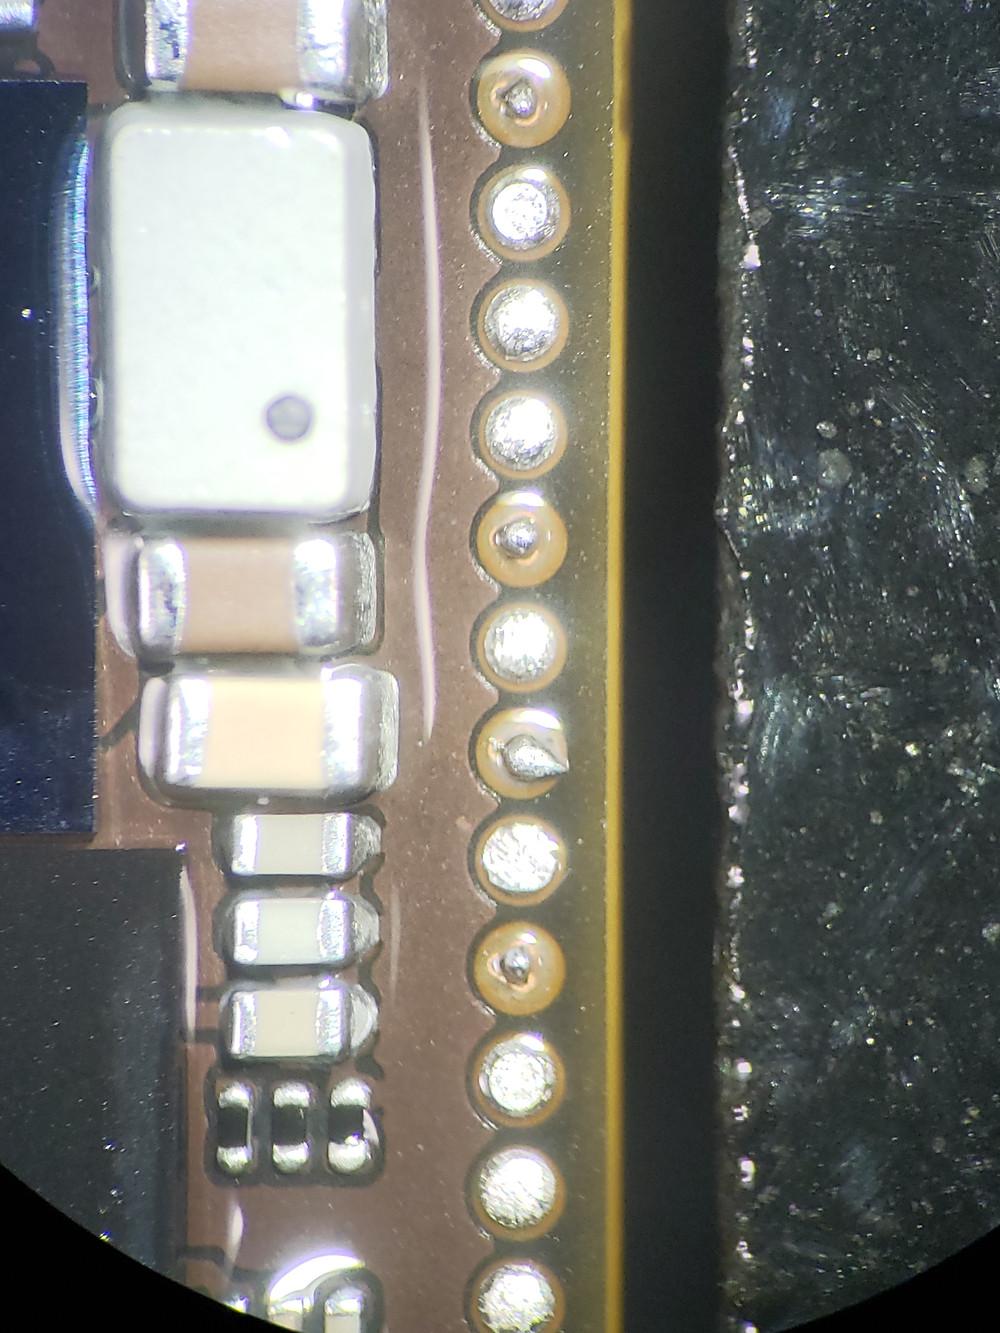 Add solder